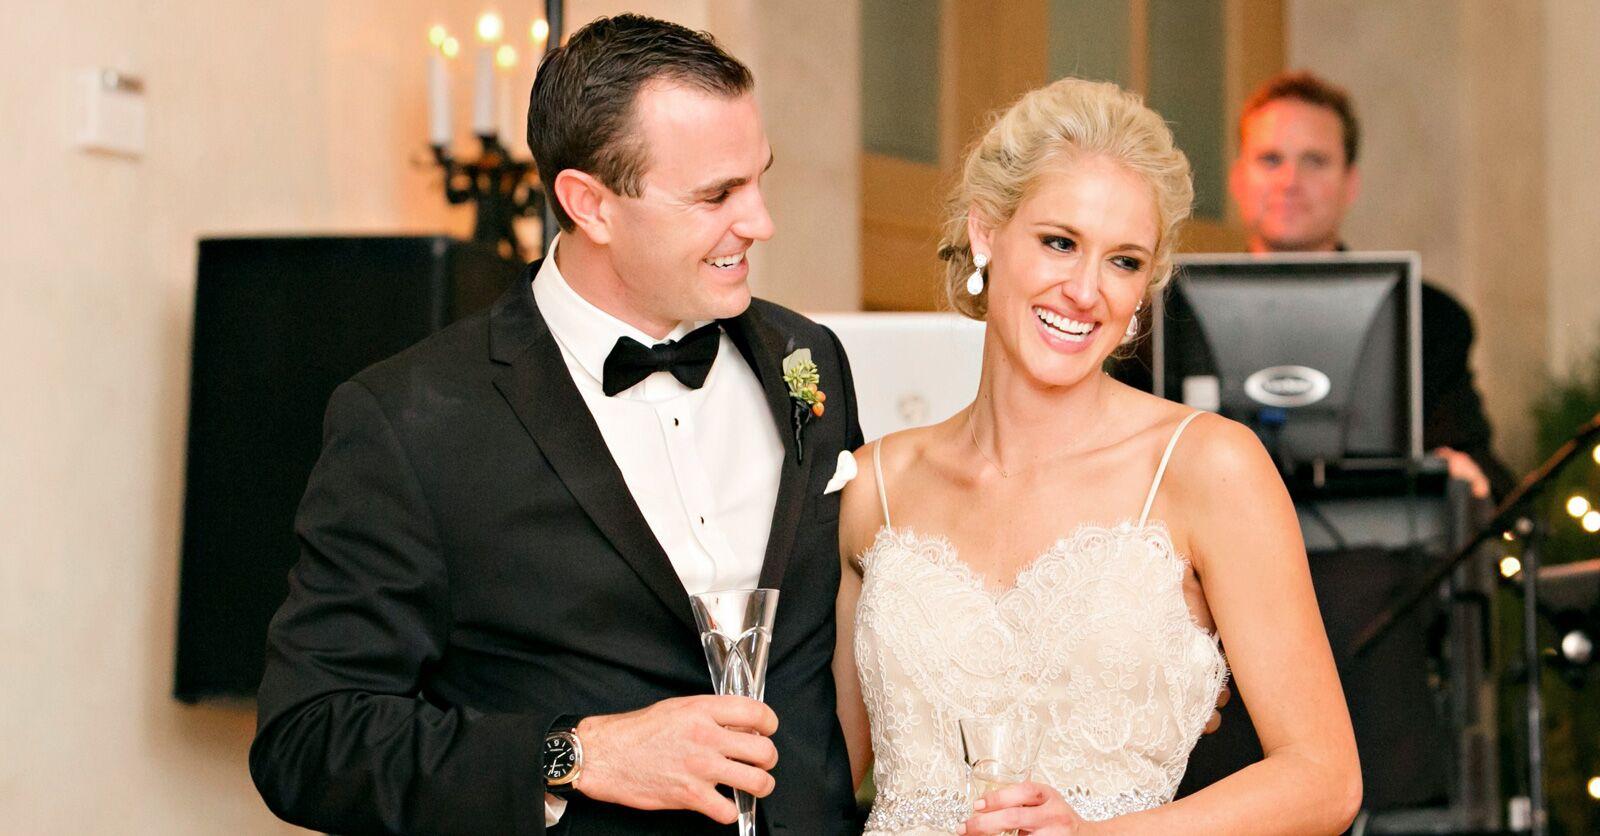 Best Wedding Speech Jokes: Best Jokes About Marriage